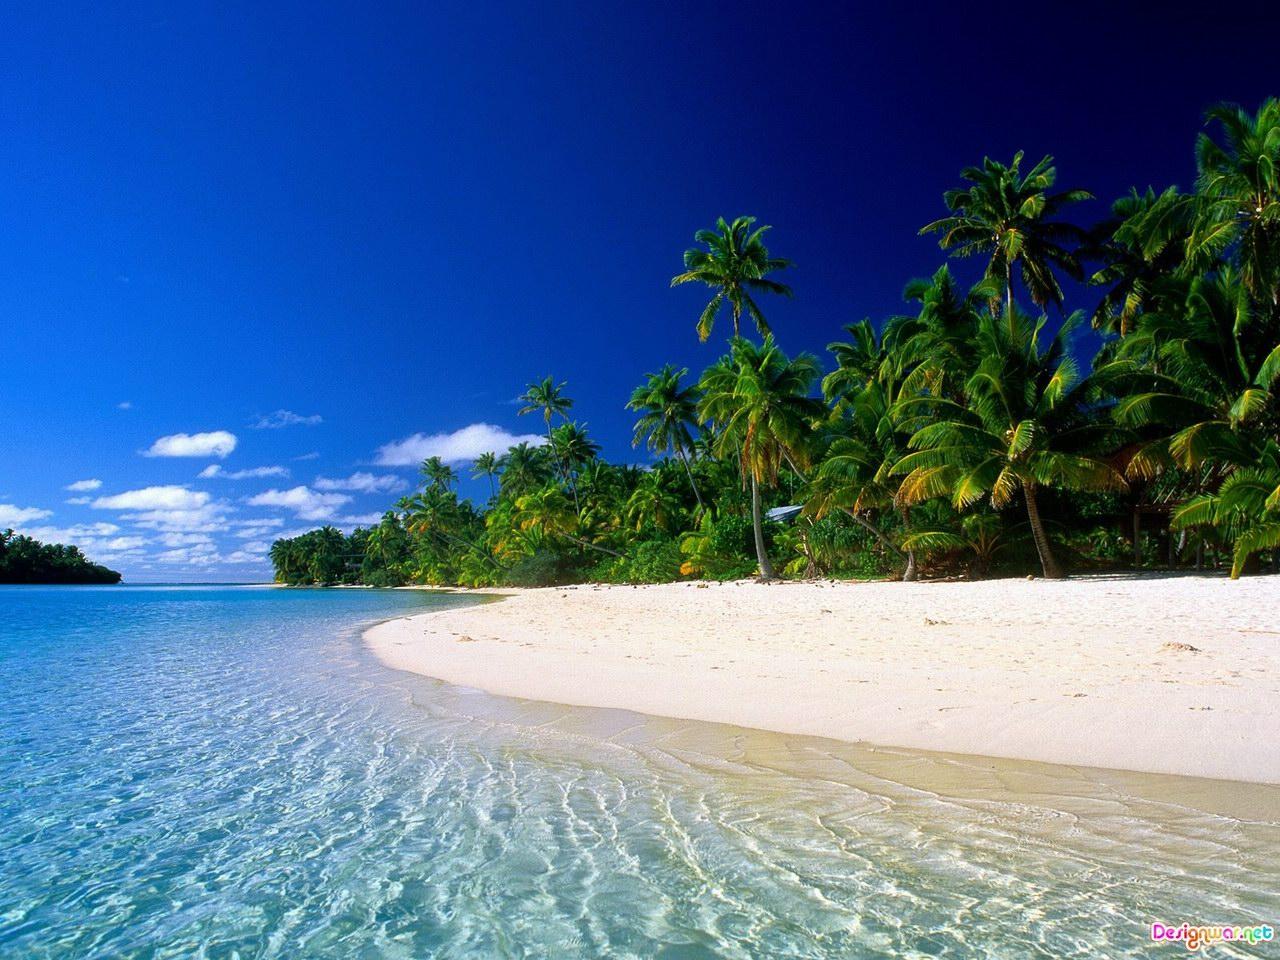 tropical beaches wallpaper Tropical beaches at nightBeach sunrise 1280x960